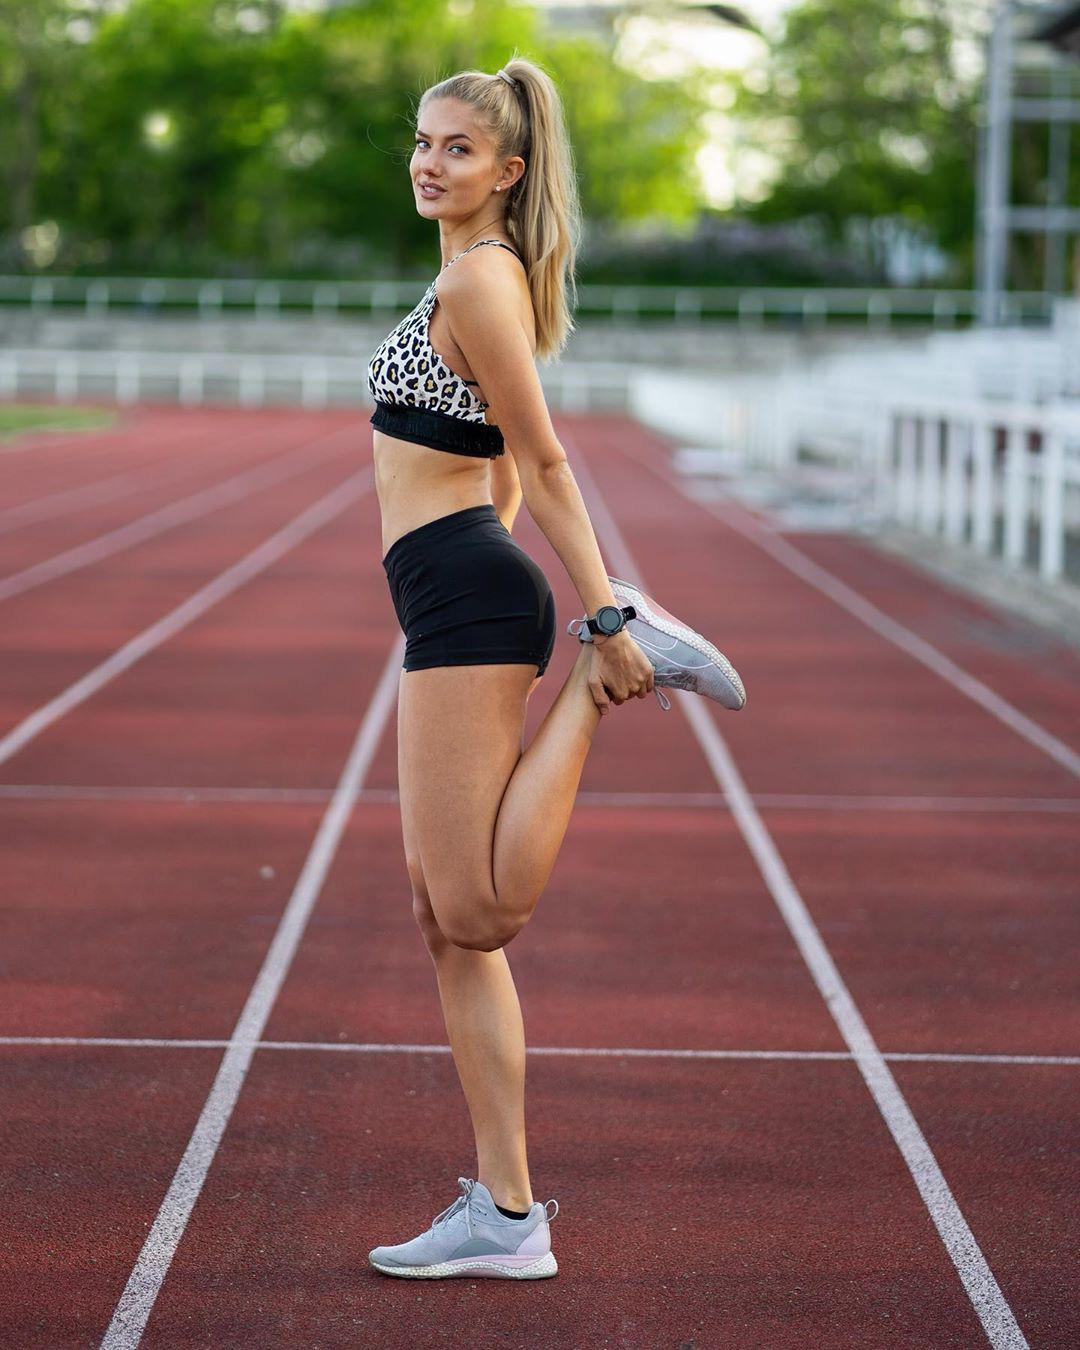 Nữ VĐV quyến rũ nhất thế giới khiến nhà vô địch World Cup kiệt sức nằm vật ra đường đua - Ảnh 5.